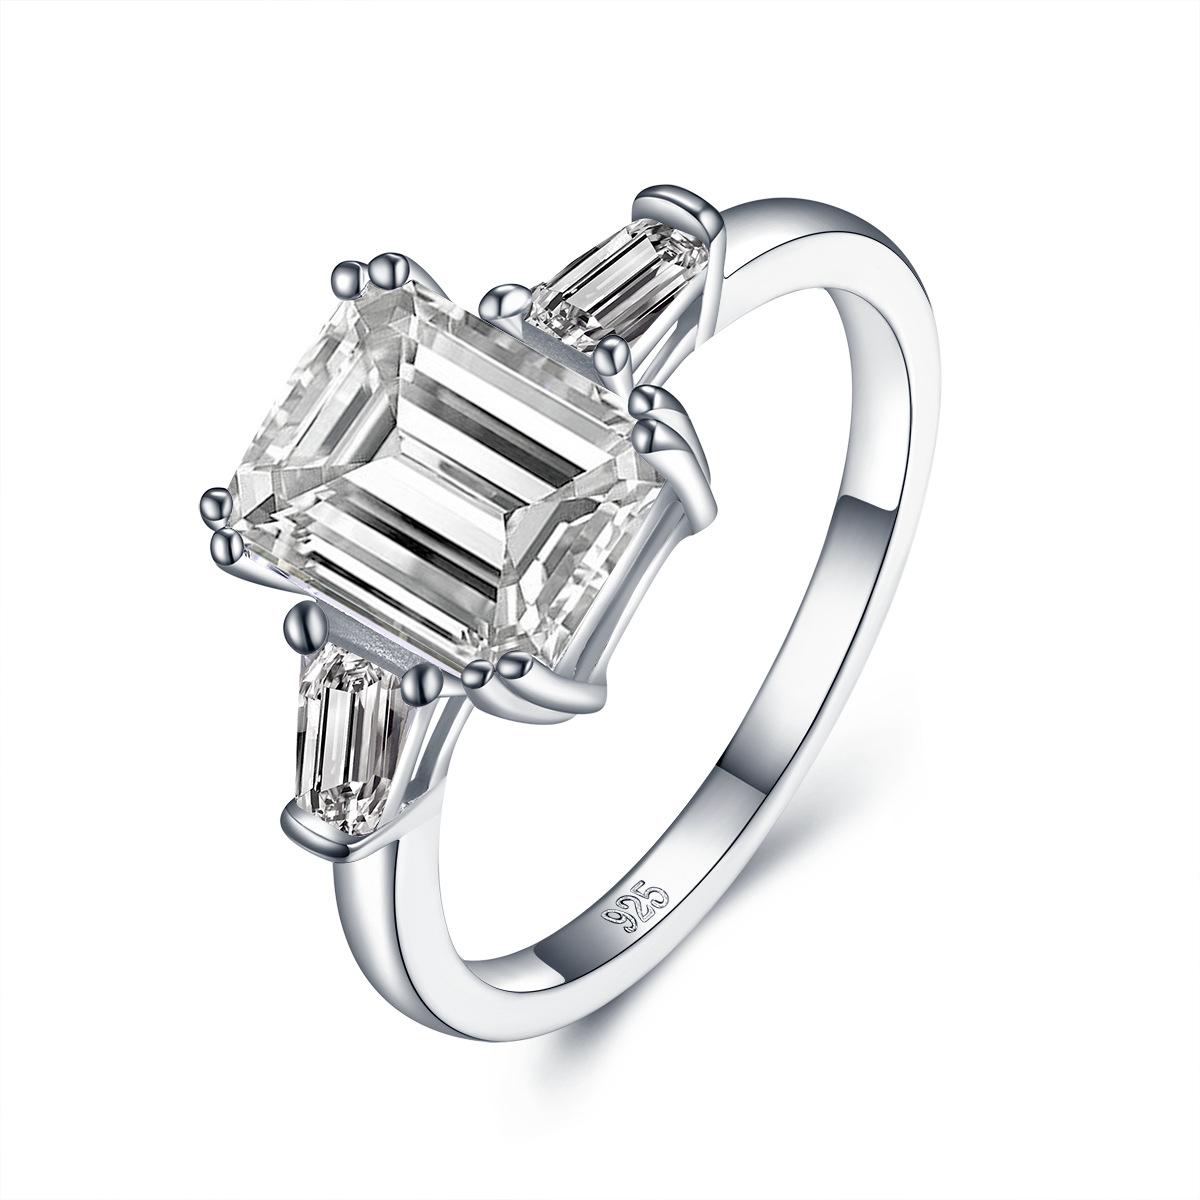 跨境飾品廠家直銷歐美流行S925純銀鑲AAAAA鋯石電鍍18K真金女戒指